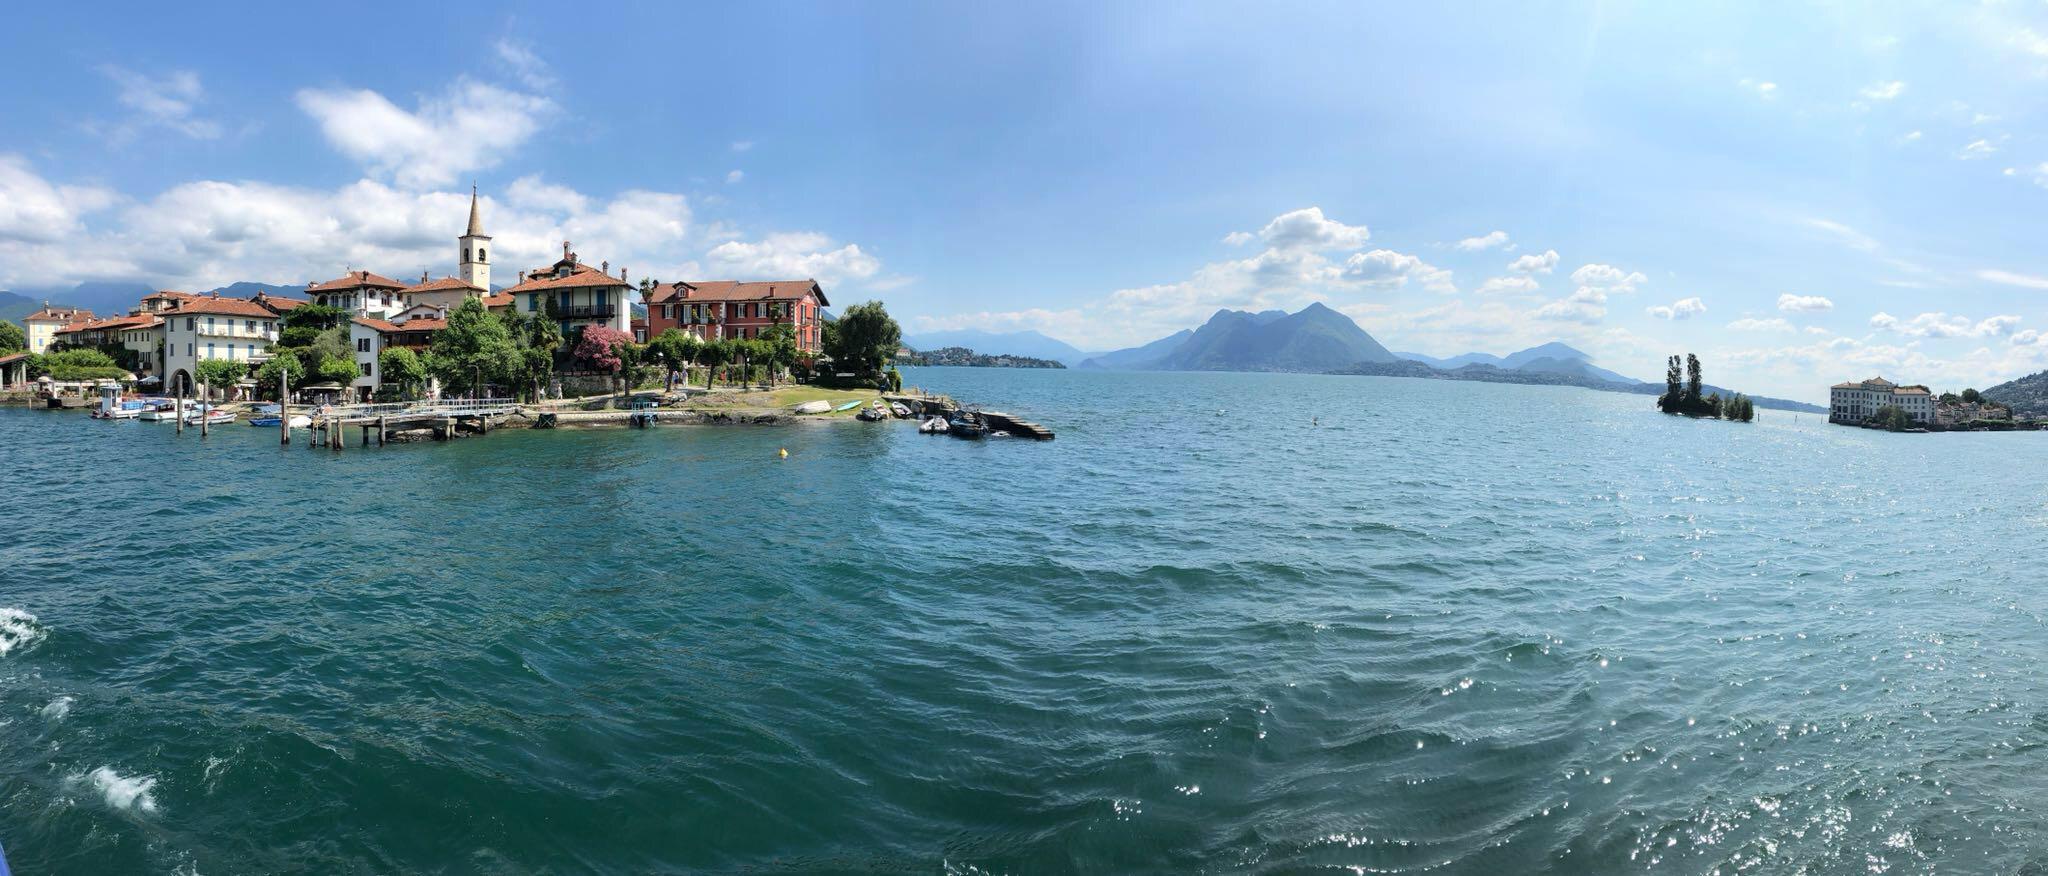 Isola Superiore (Pescatore)